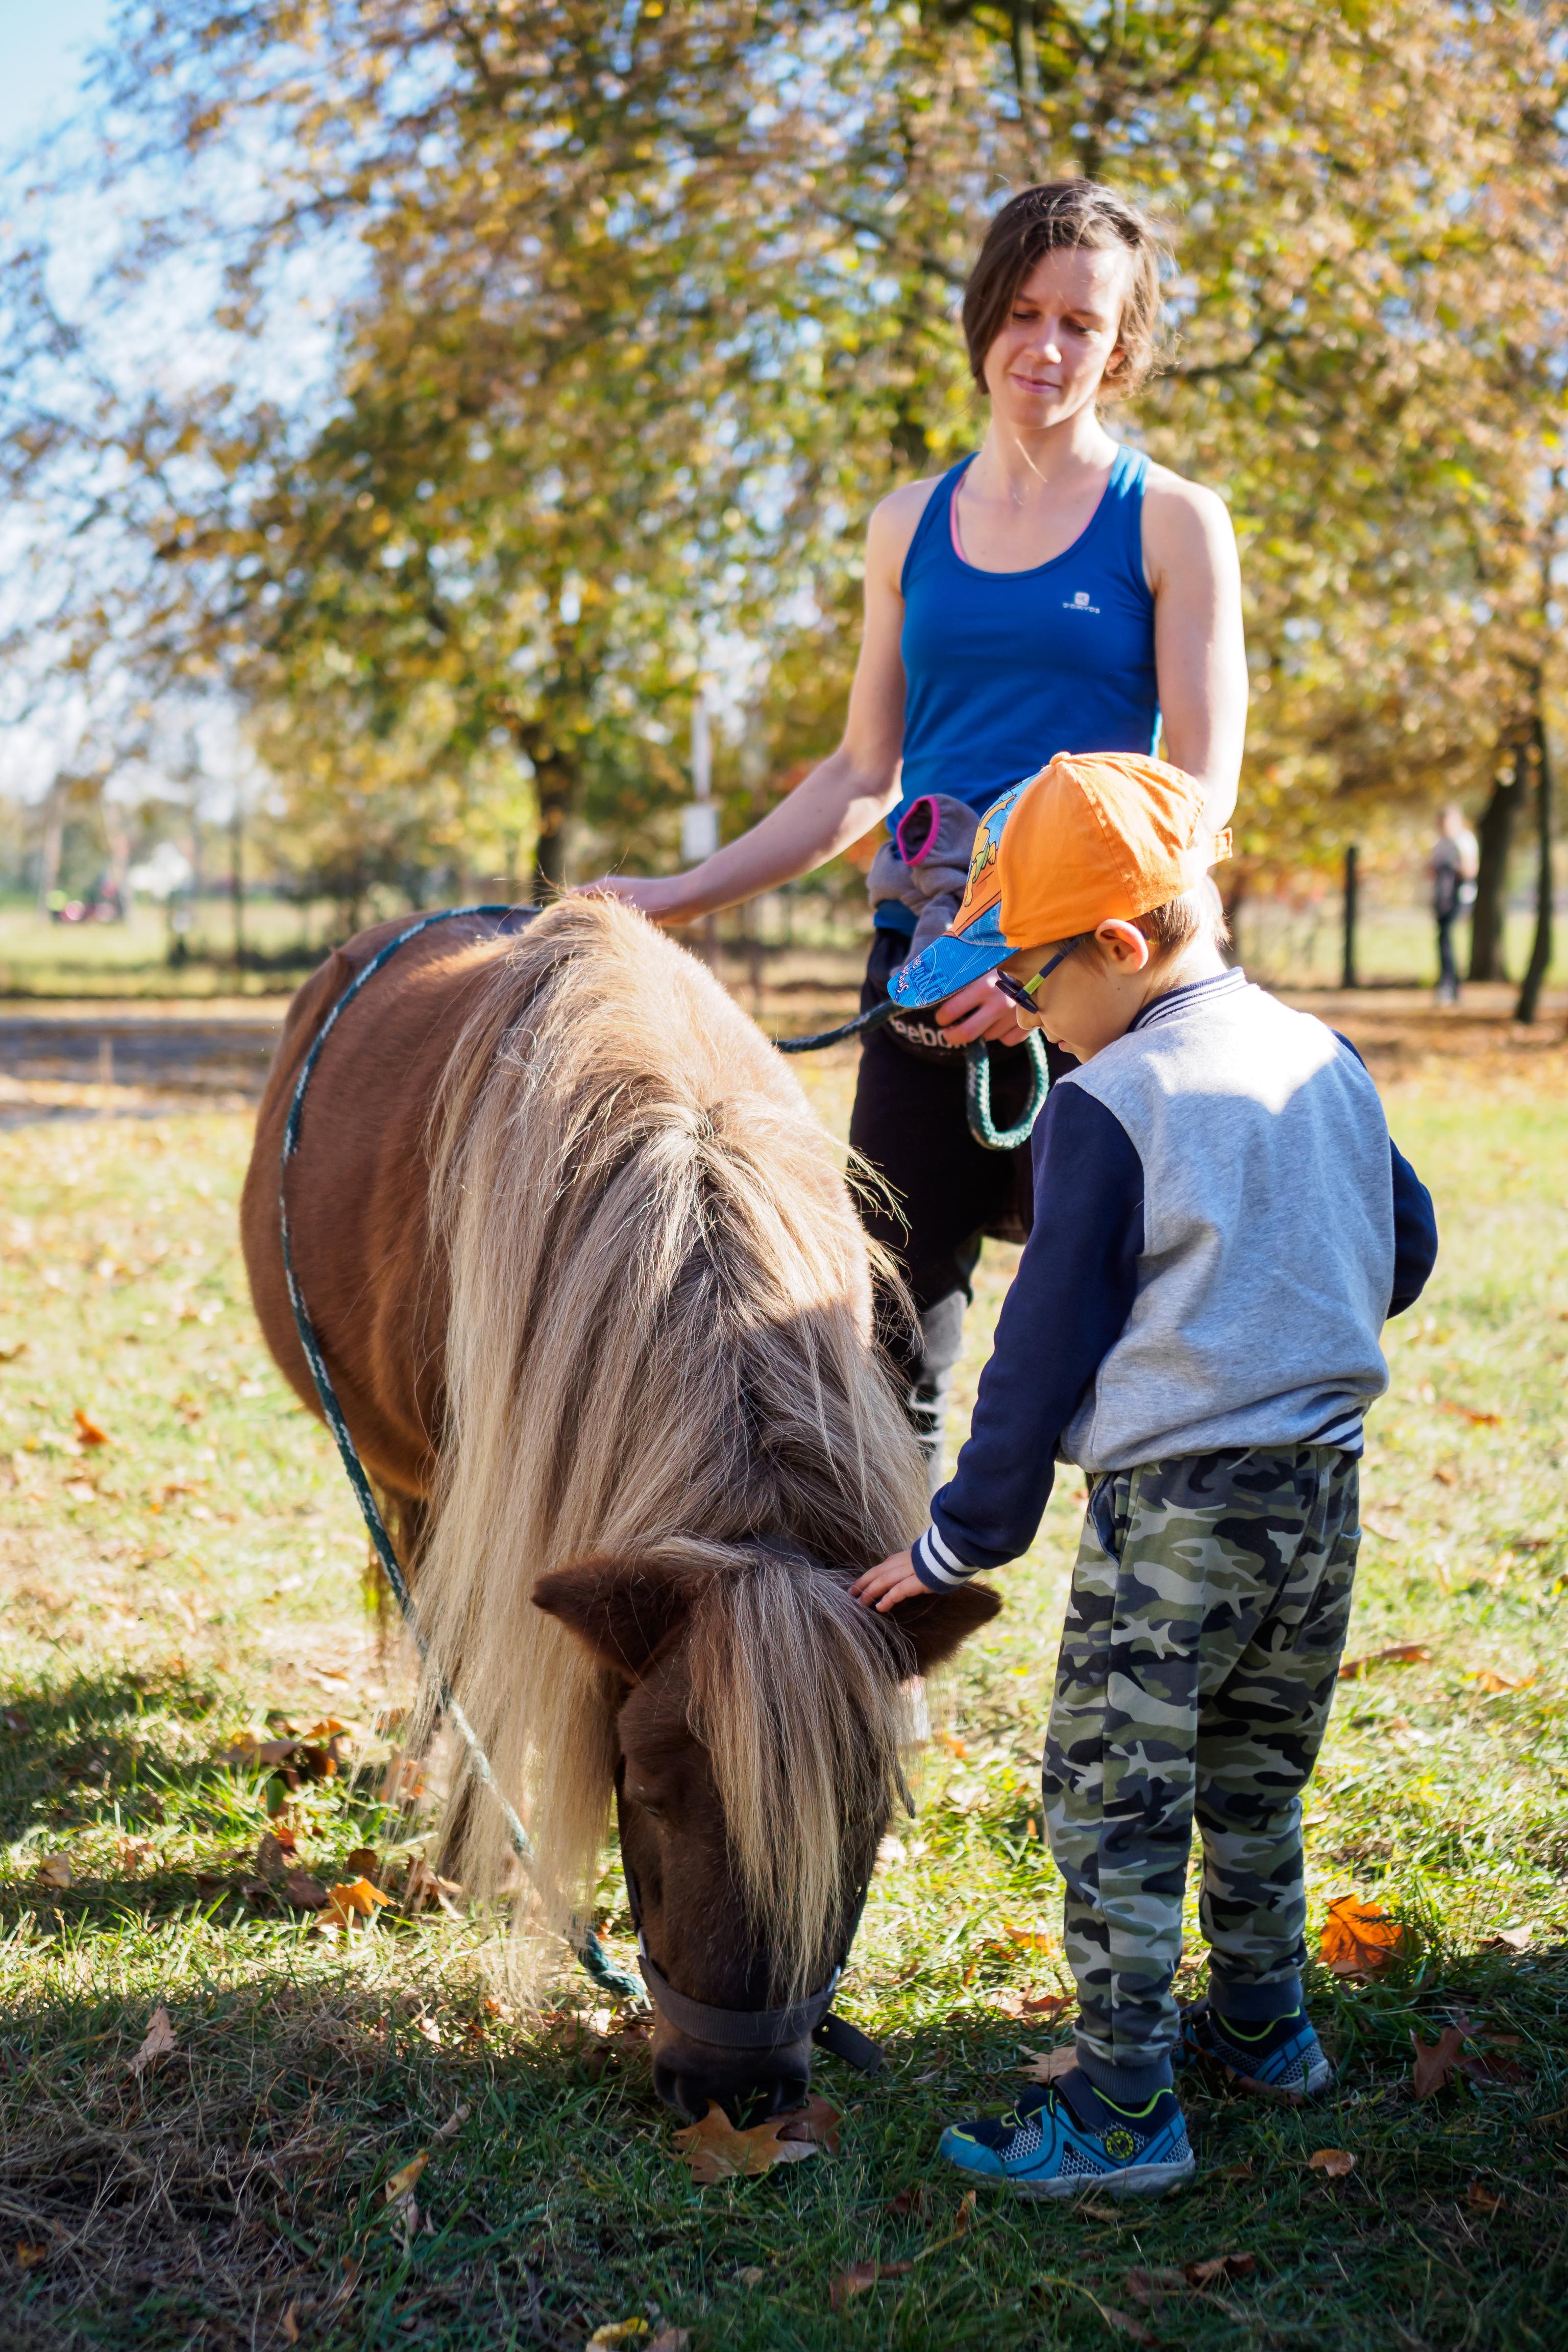 Zajęcia z hipoterapii. Instruktorka a obok niej chłopak głaszczący konia.